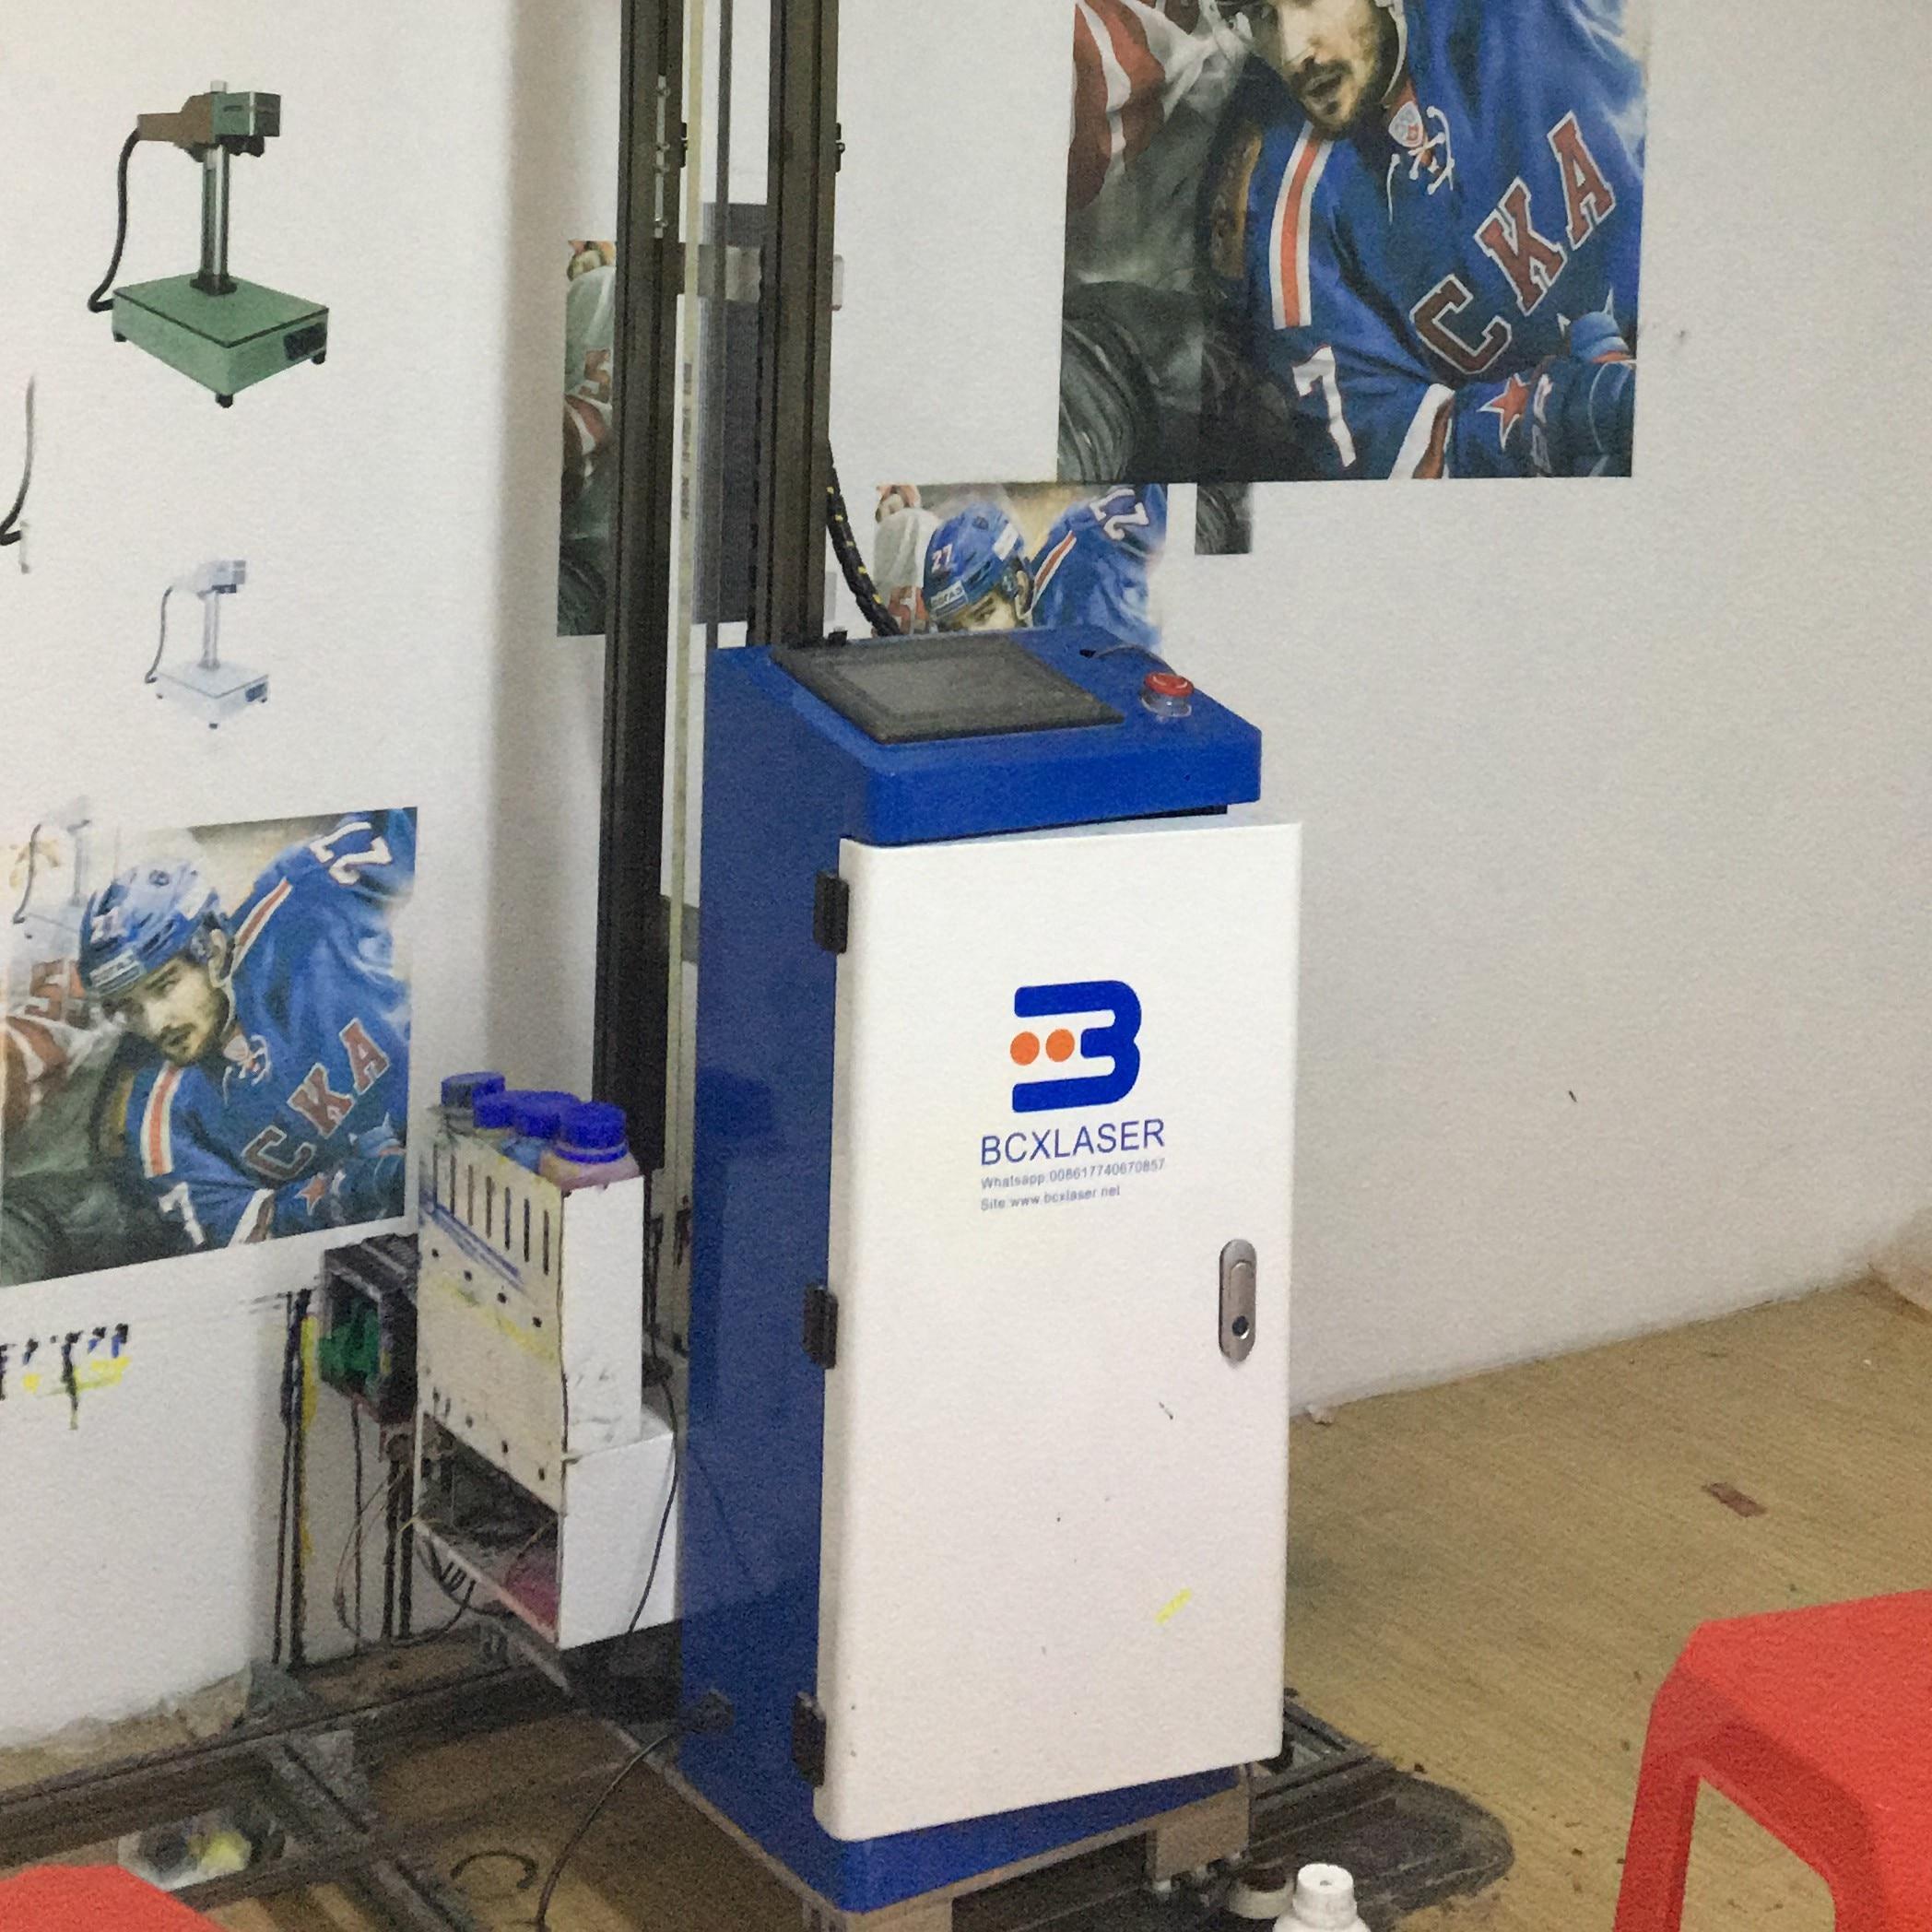 УФ-принтер для печати на стенах, 3D вертикальный настенный принтер/3D фоновая настенная живопись, цифровой струйный принтер с лаком